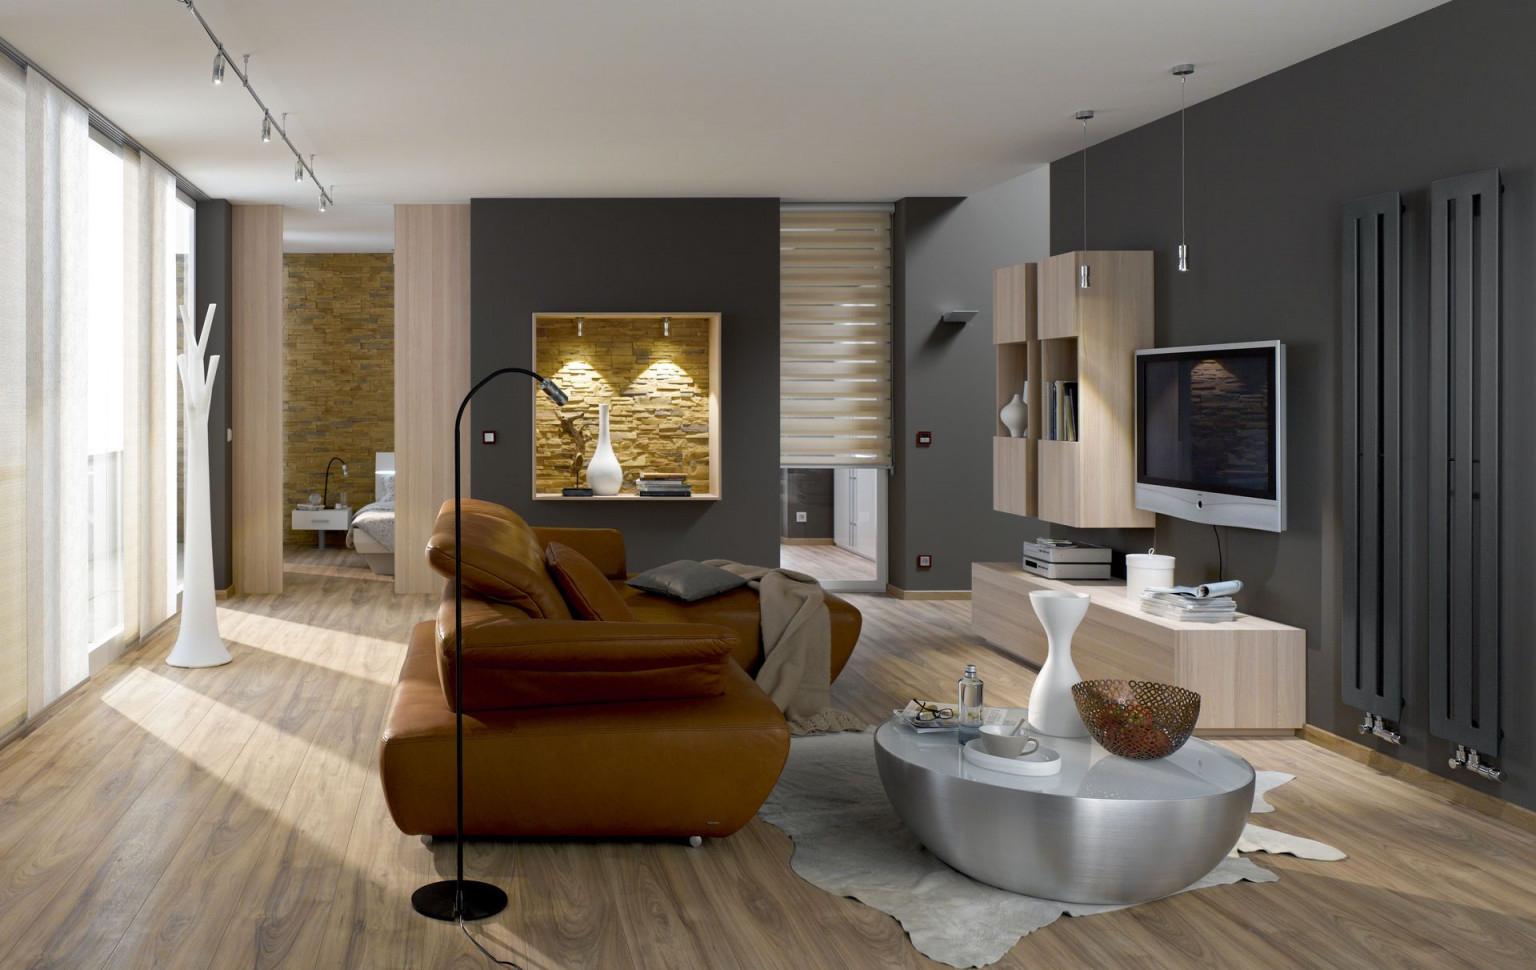 Wohnzimmer  Einrichten Und Wohlfühlen  Bauemotion von L Wohnzimmer Einrichten Photo